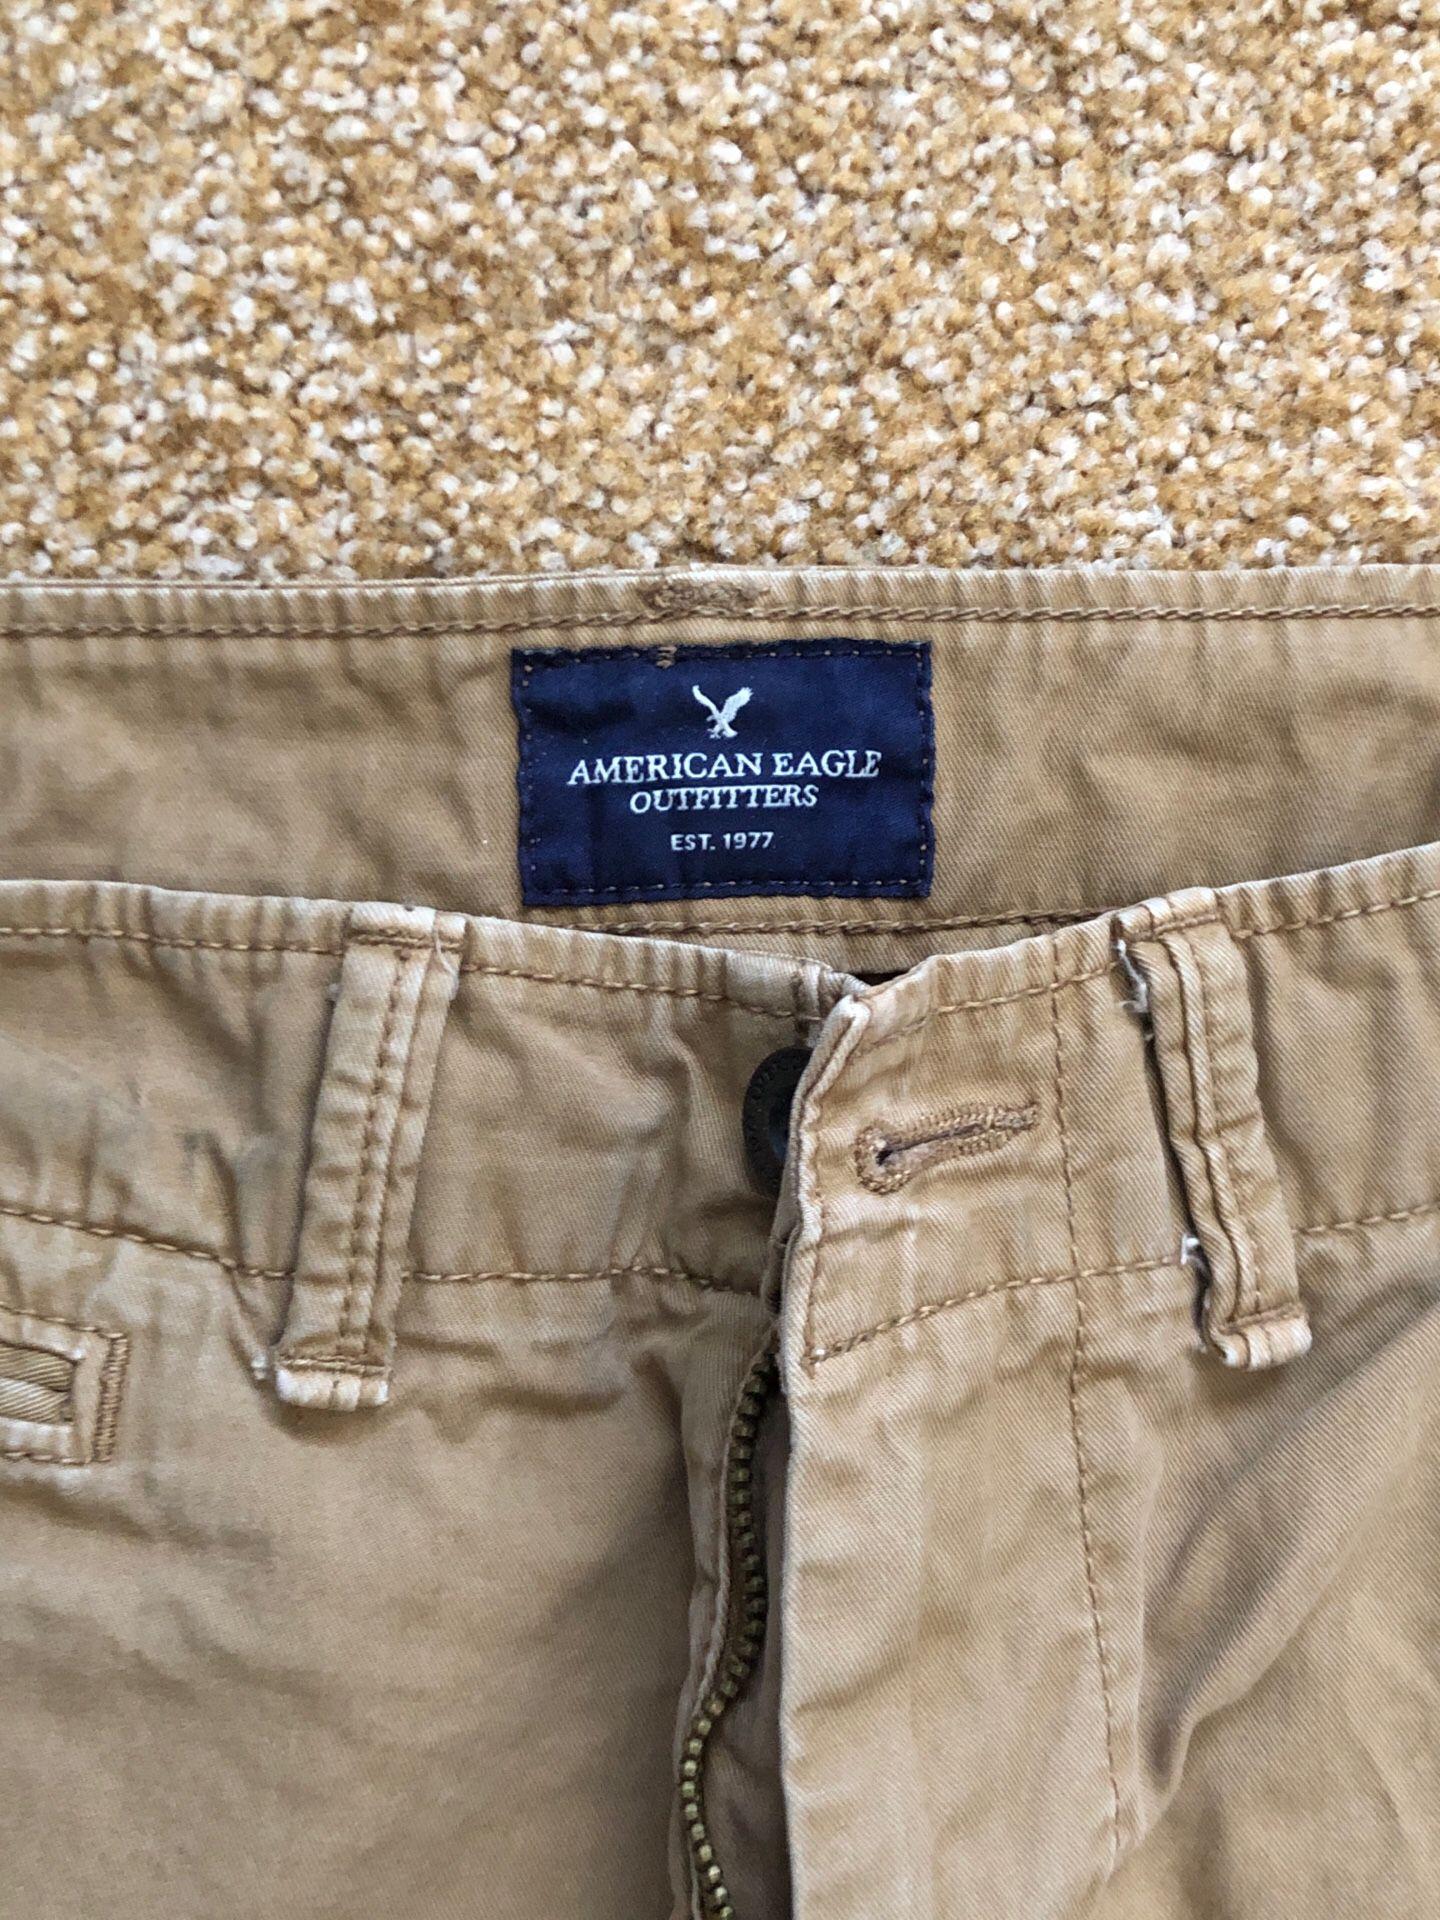 American Eagle Khaki Pants 32/32